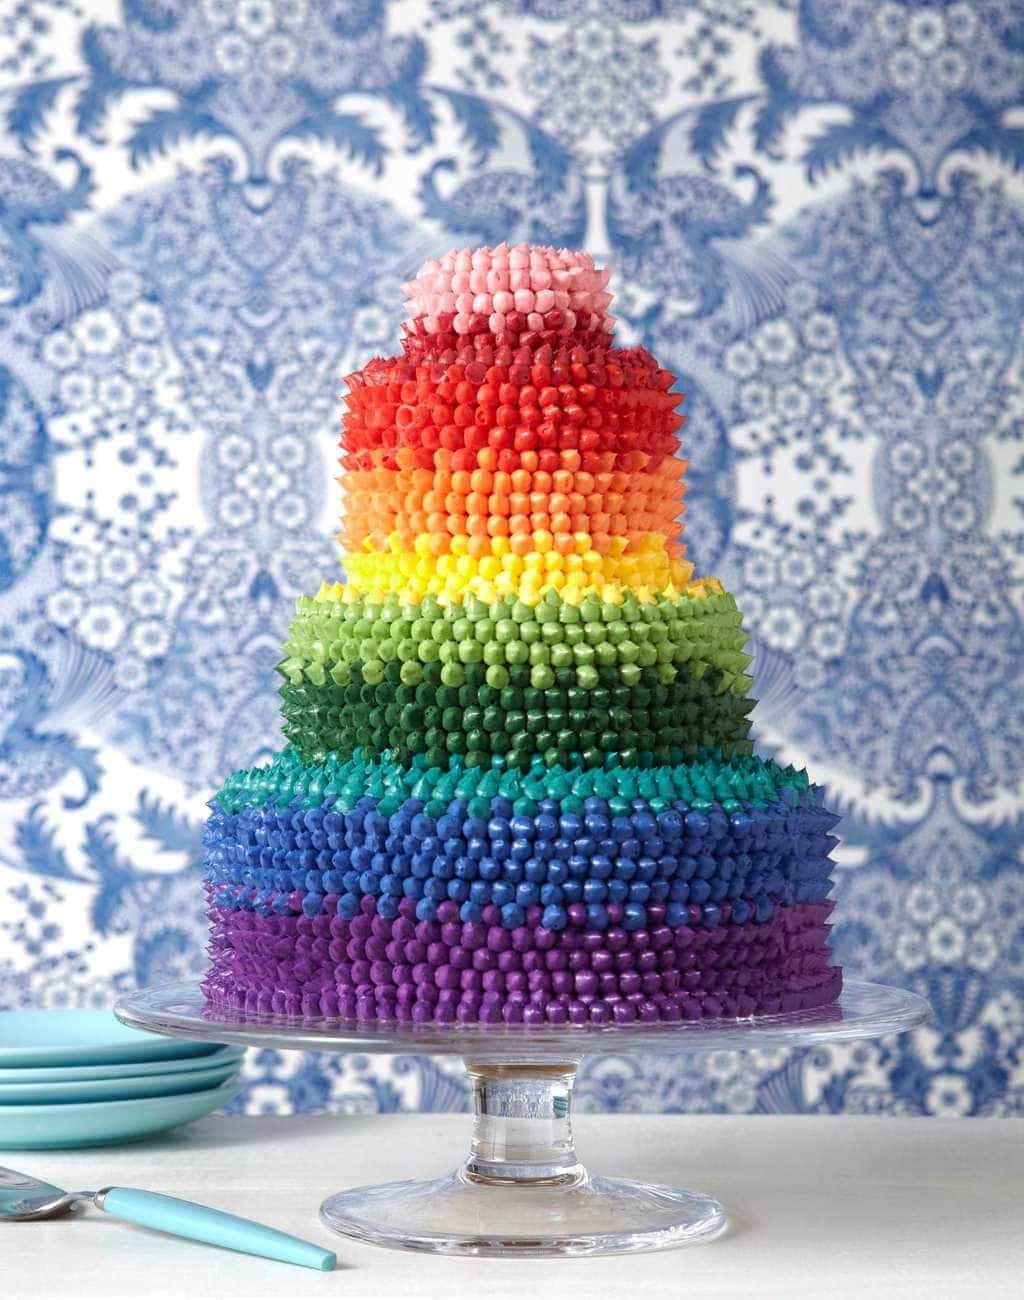 Party Rainbow Cake